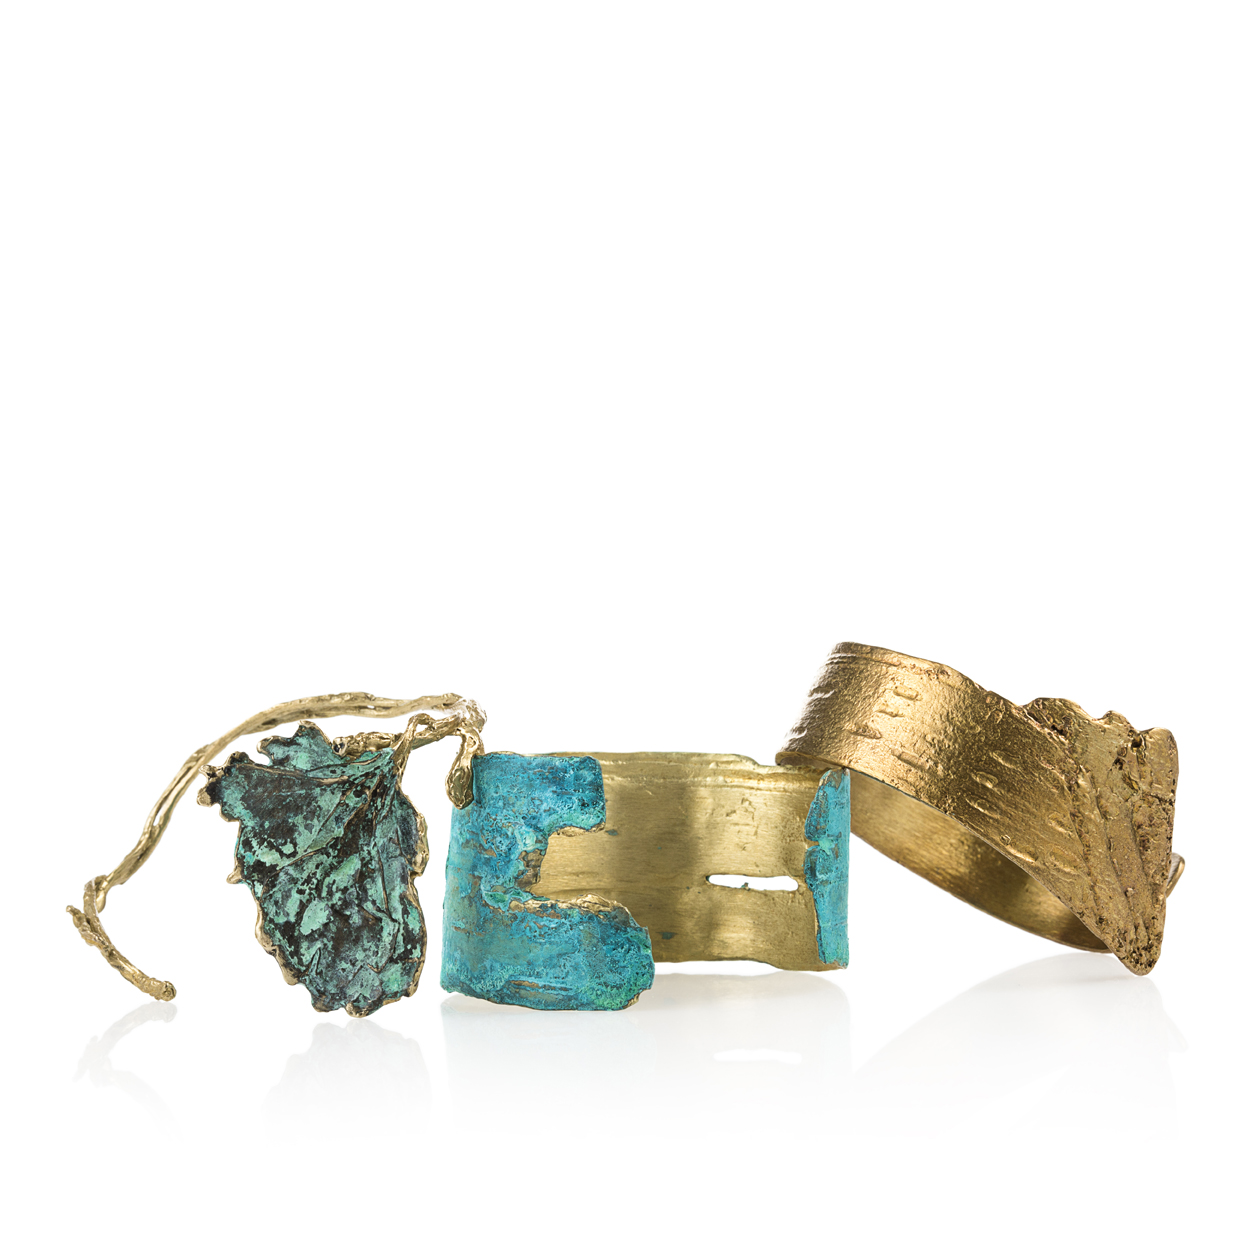 Nancy Nelson Jewelry